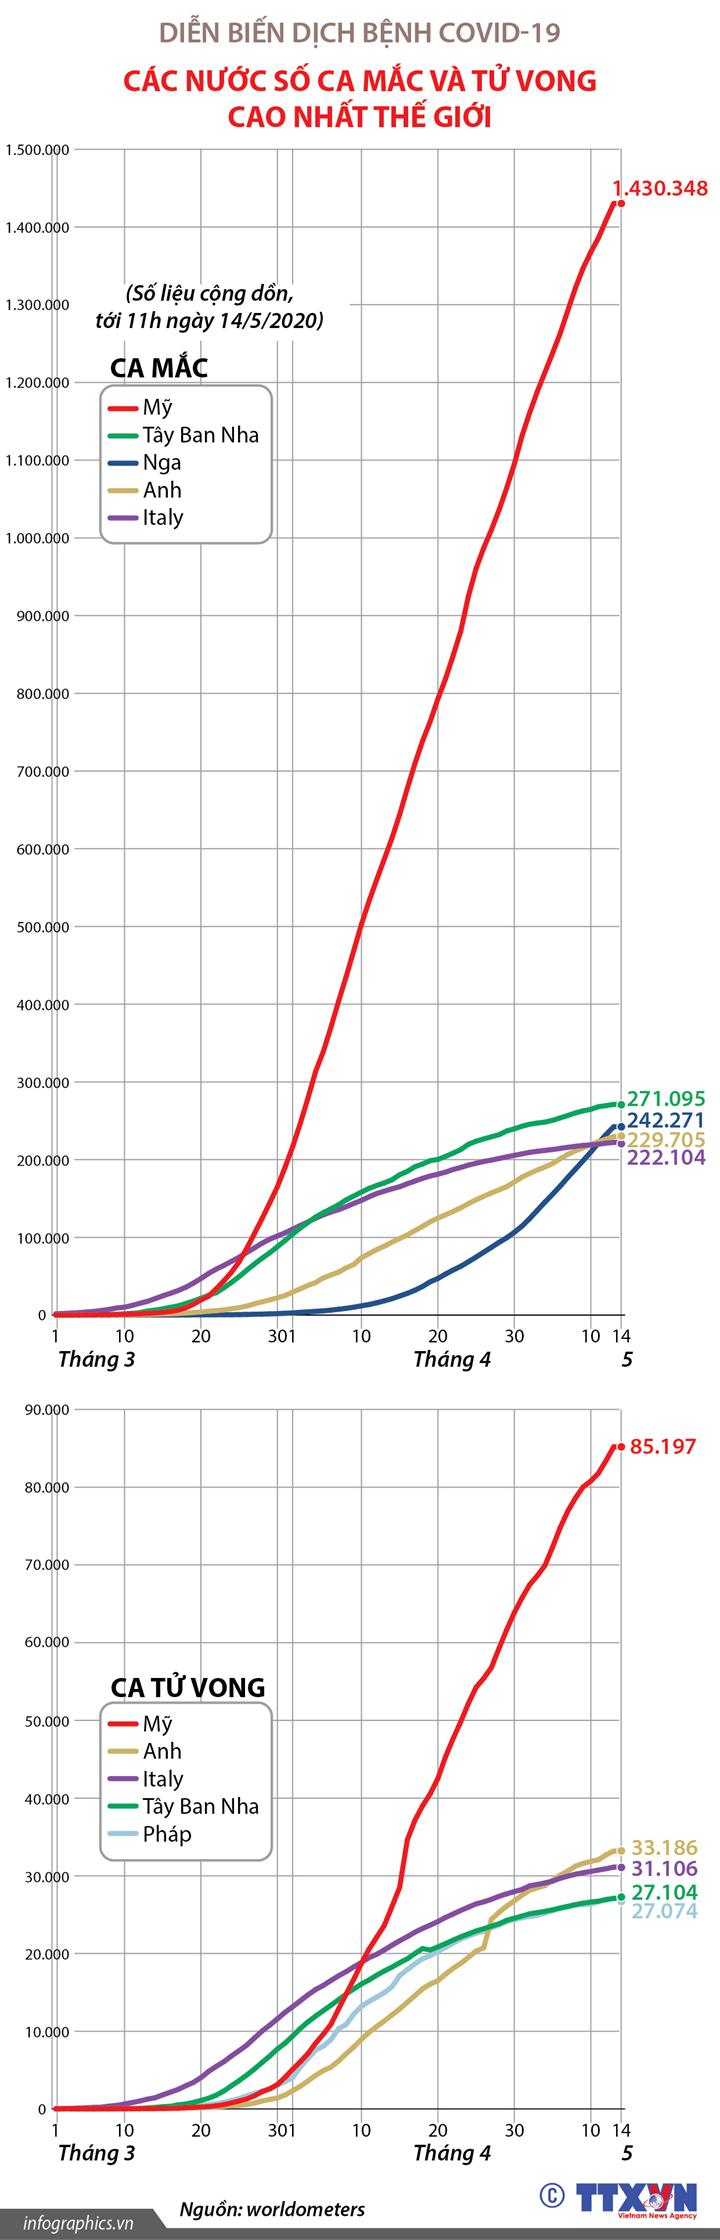 Dịch bệnh COVID-19: Những nước số ca mắc và tử vong cao nhất thế giới